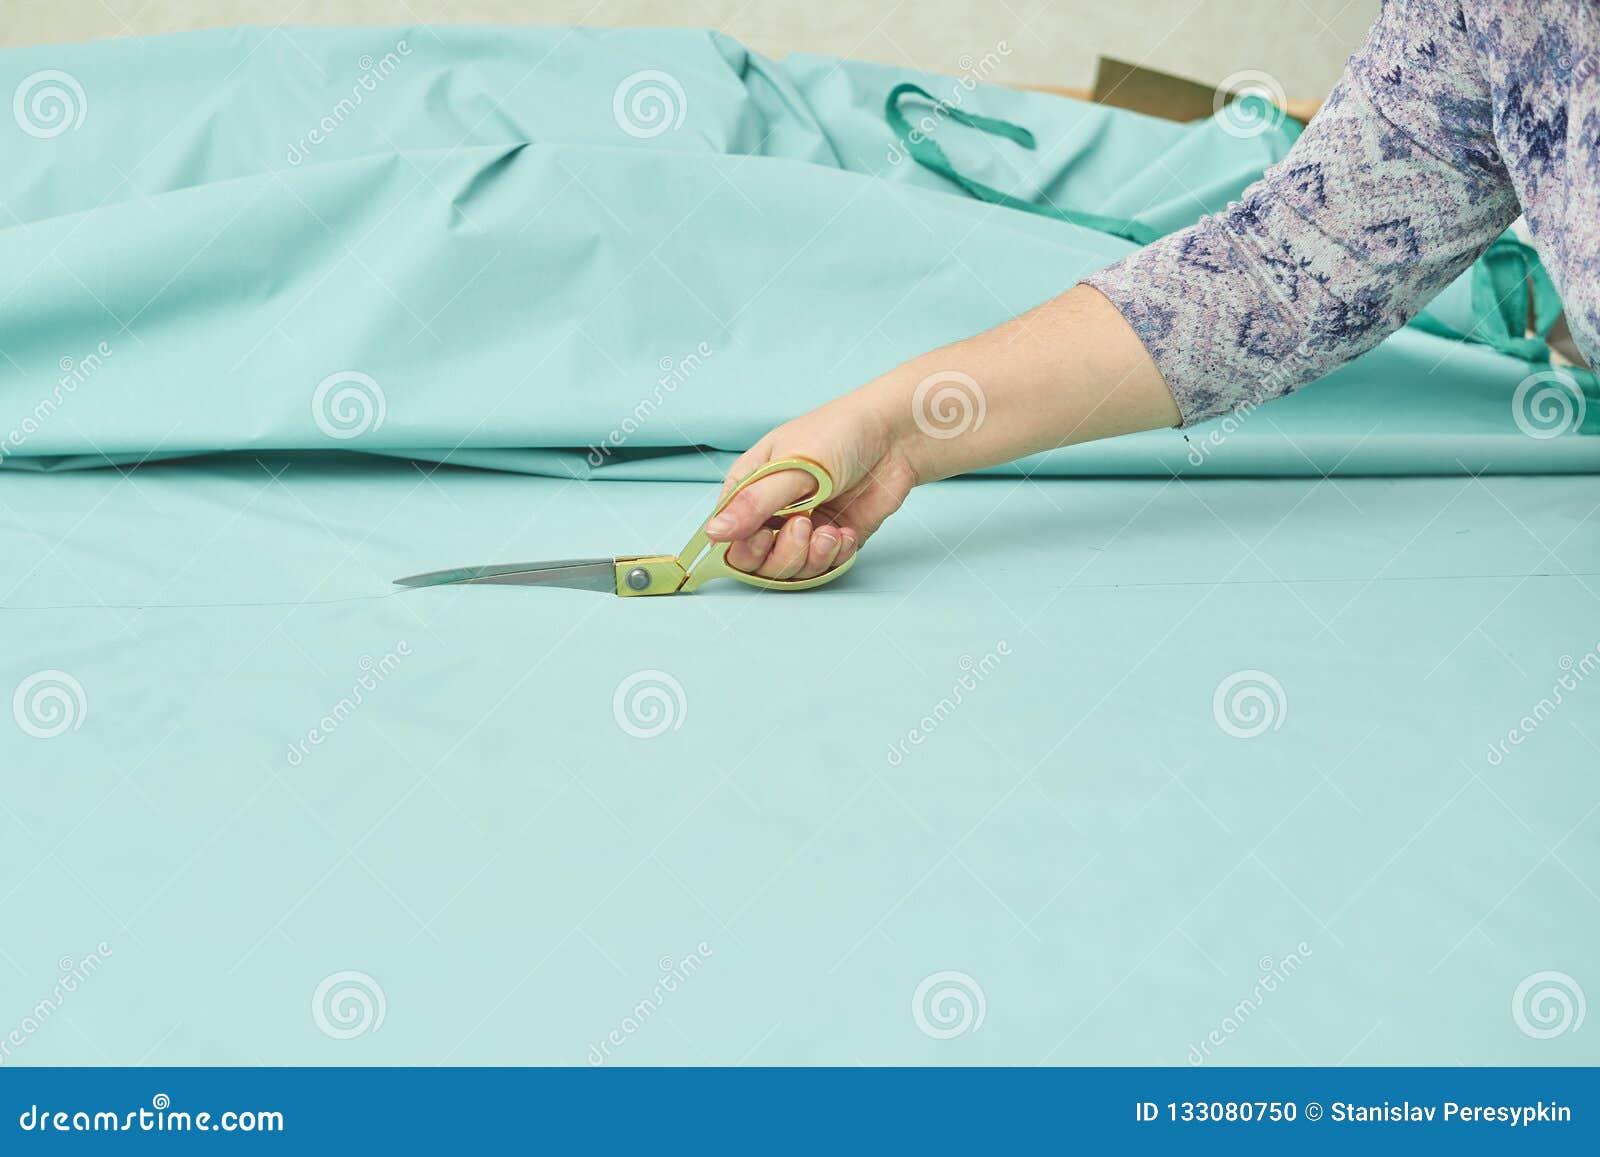 Frau schneidet blaues Material mit goldenen Scheren